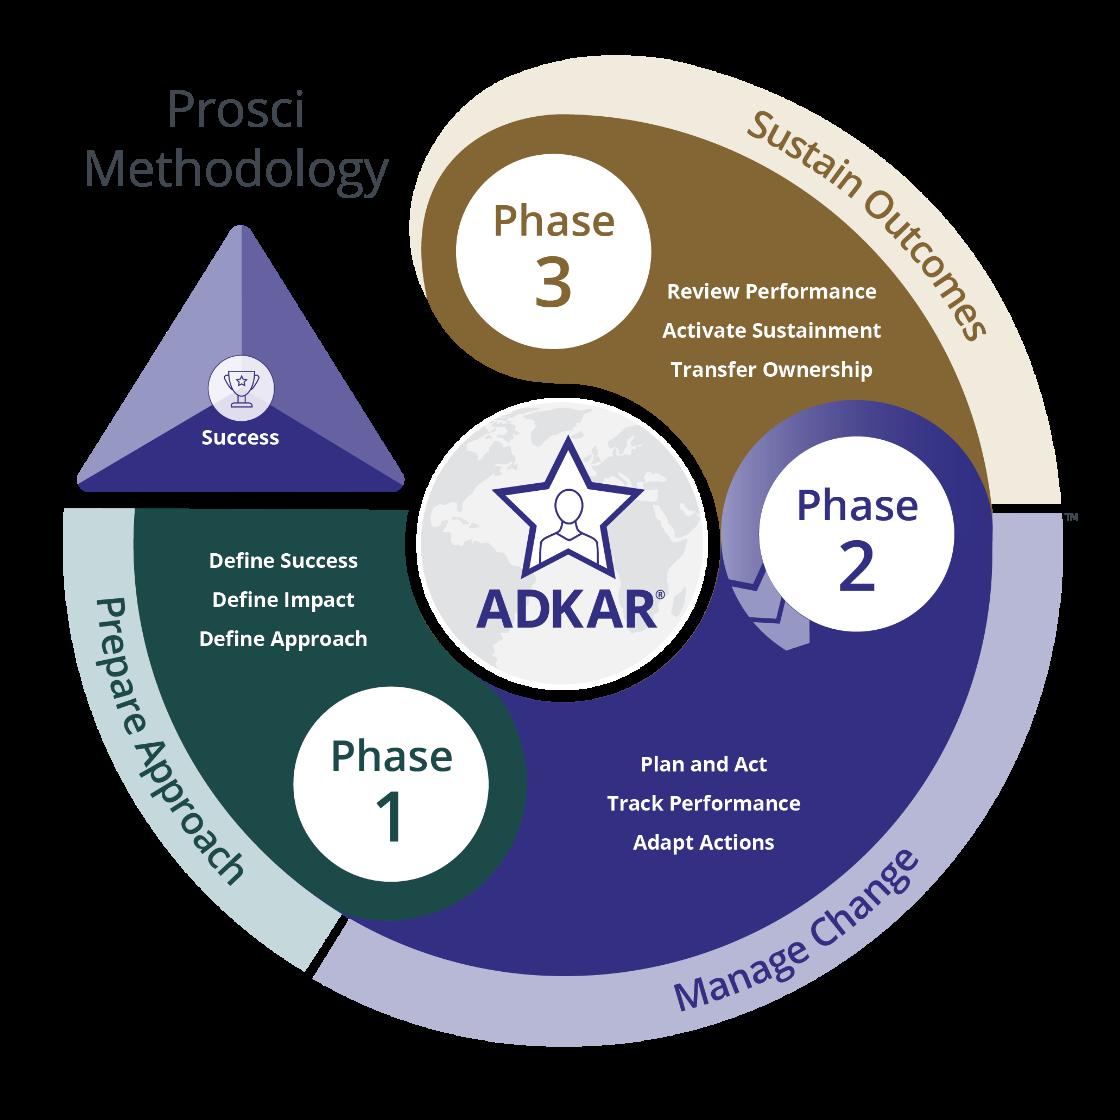 Prosci-Methodology